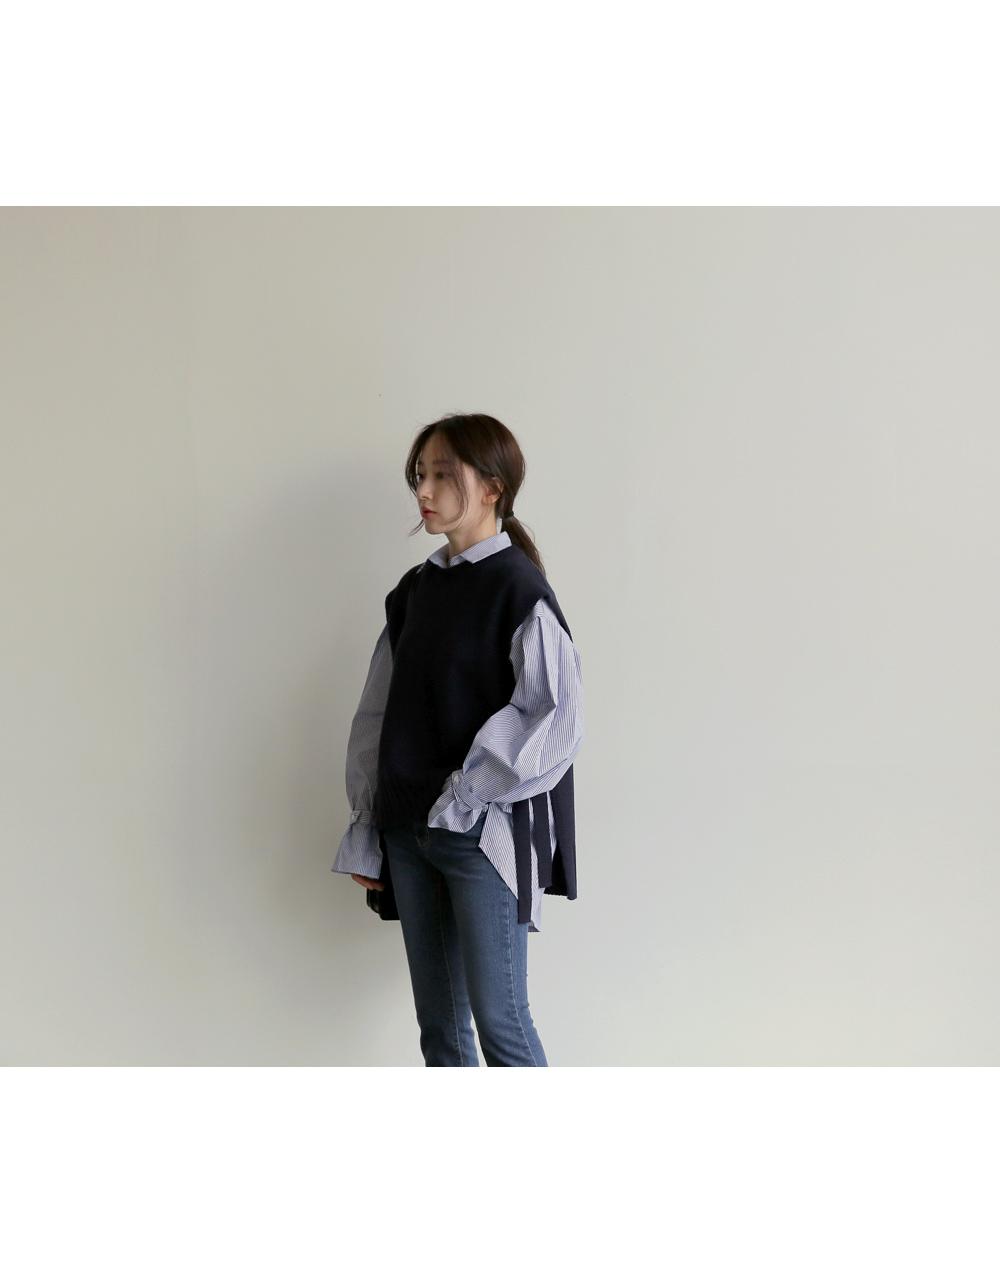 【即納】韓国 ファッション トップス ニット セーター 秋冬春 カジュアル SPTX5258  コーデに可愛げを呼ぶ。リボンディテールのニットベスト オルチャン シンプル 定番 セレカジの写真16枚目